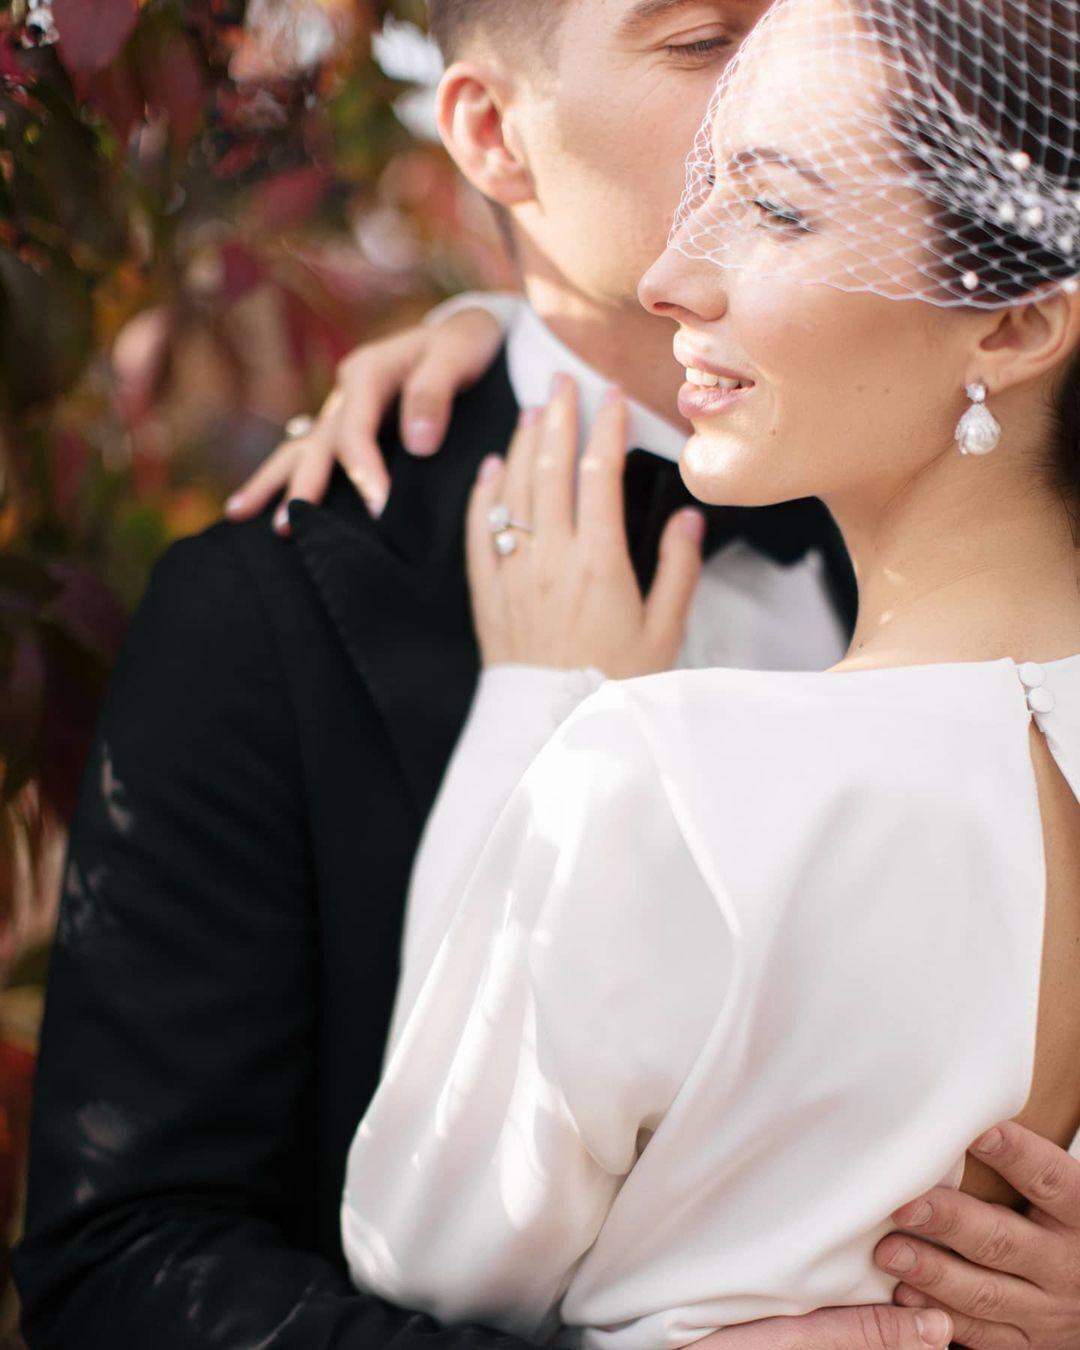 Владимир Остапчук обменялся брачными обетами с Кристиной Горняк.